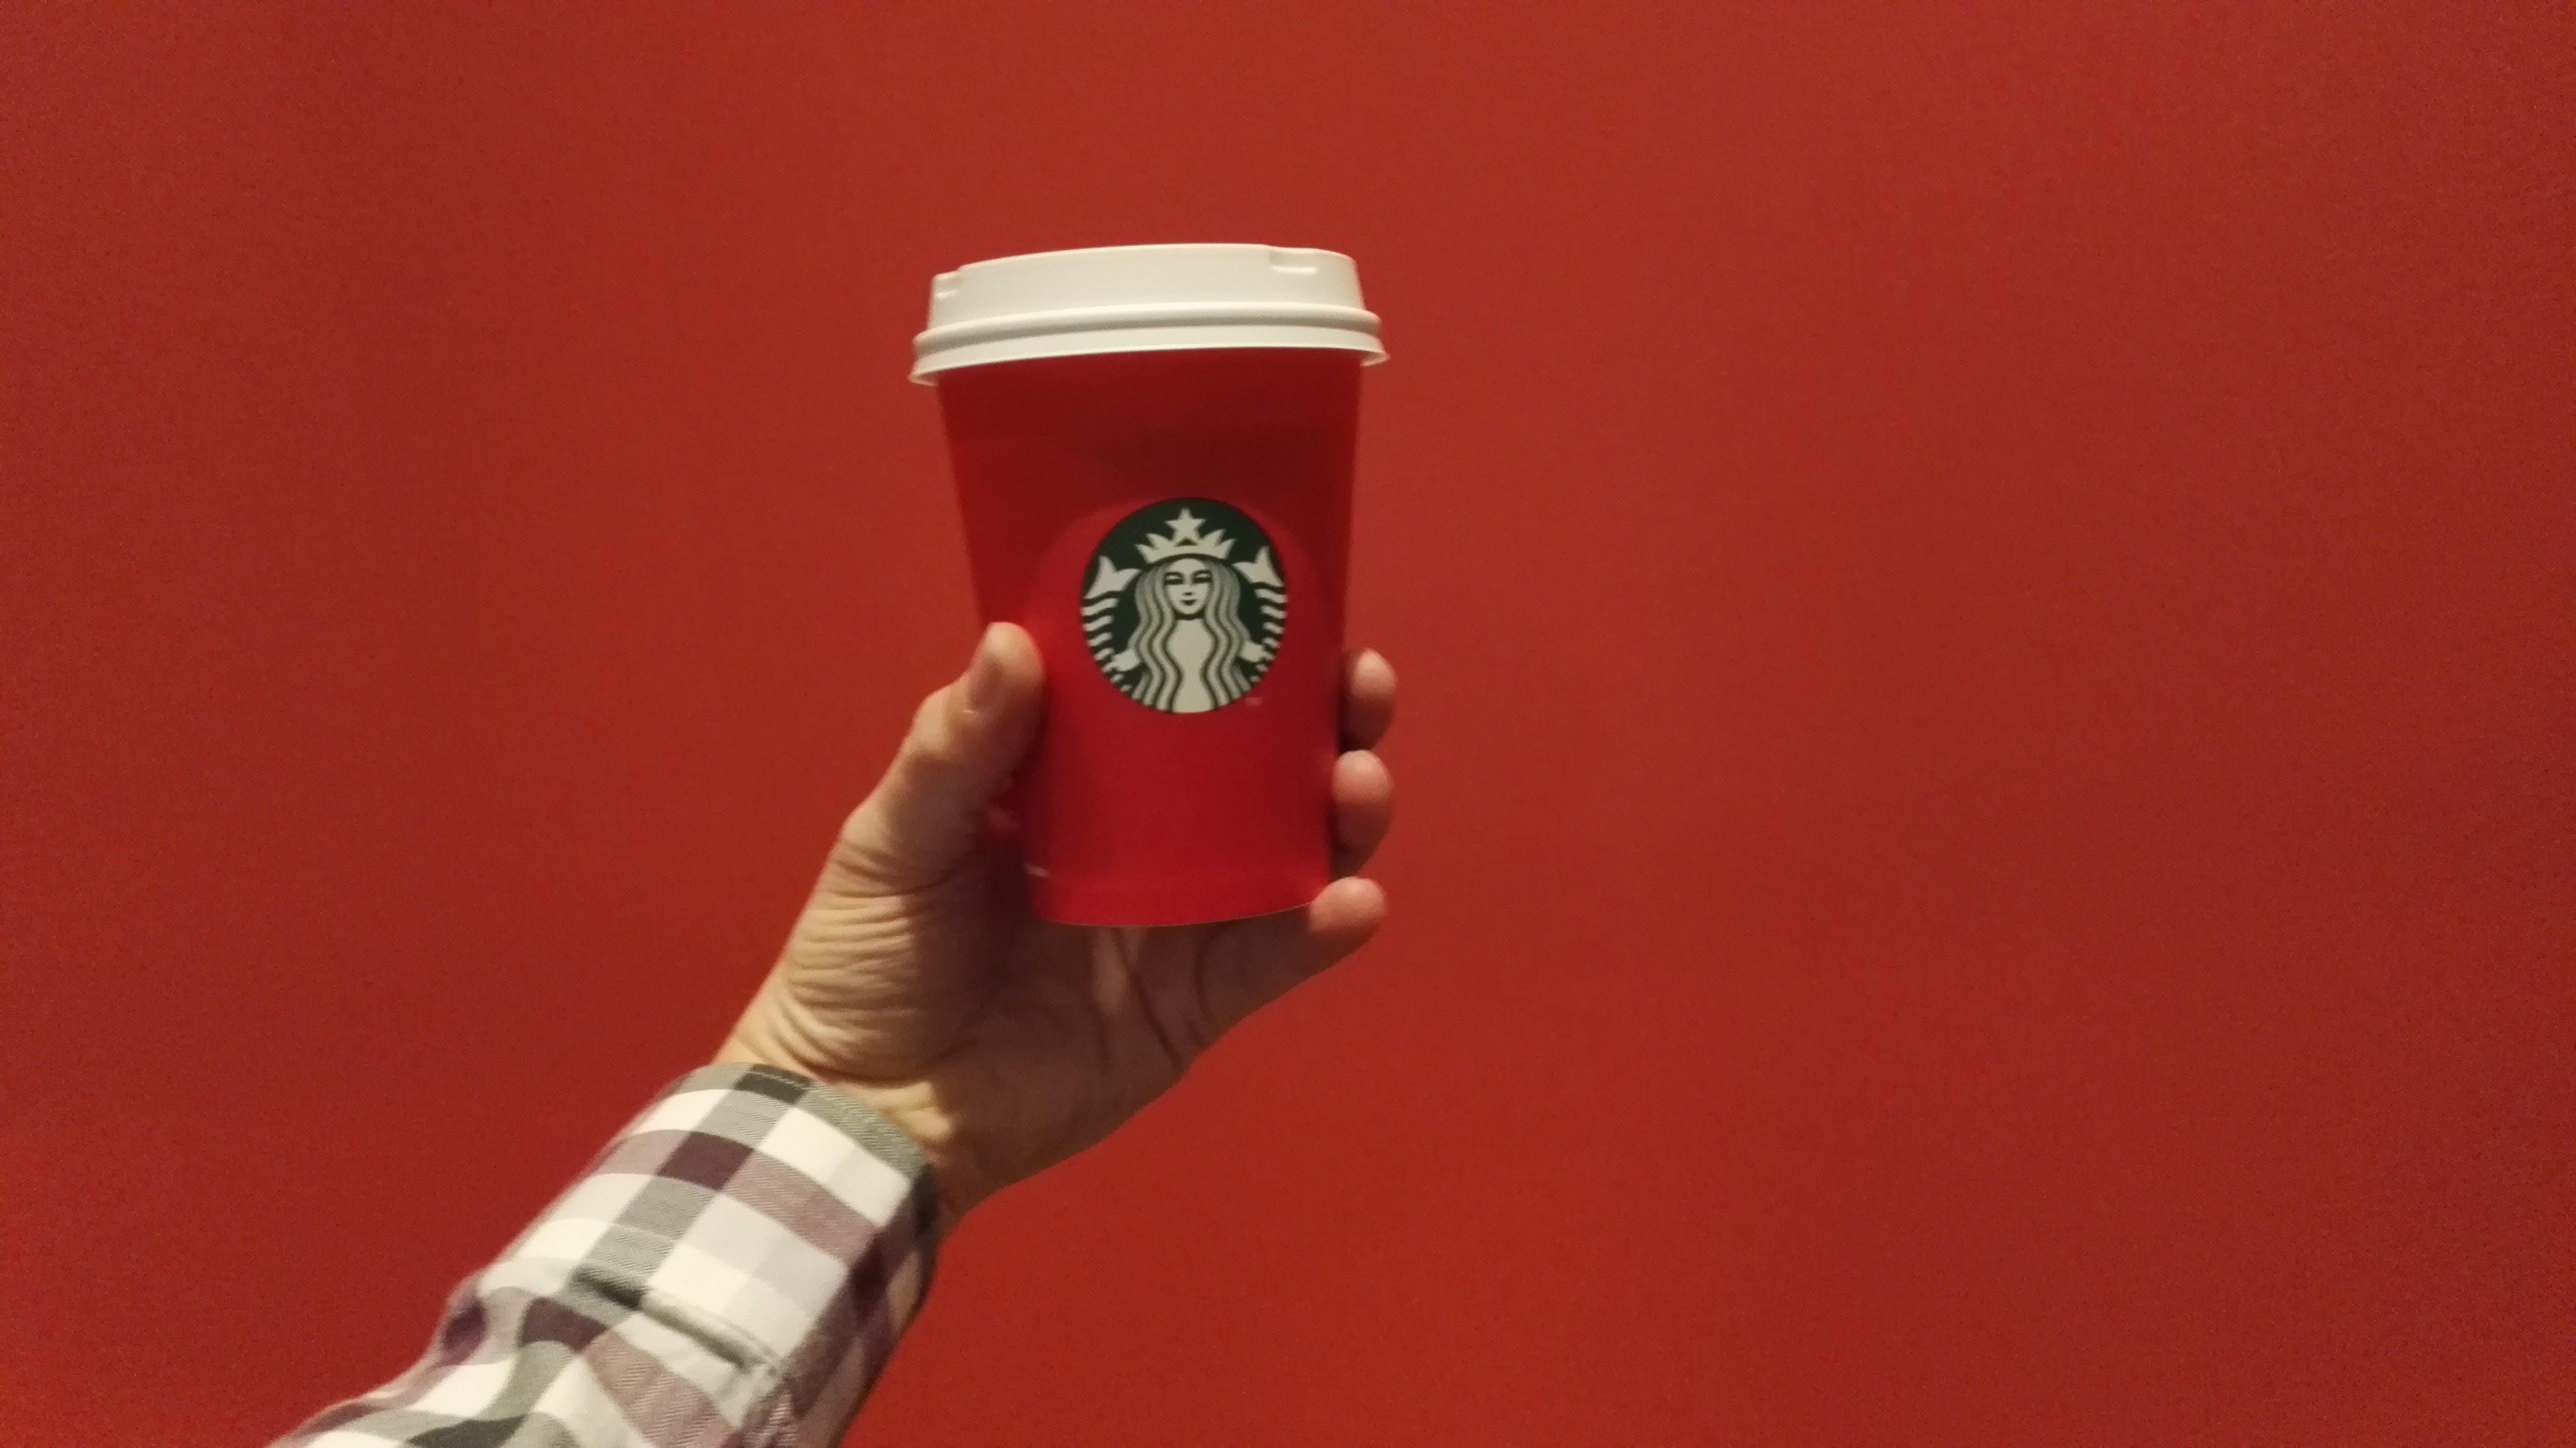 咖啡, 咖啡杯, 咖啡飲料